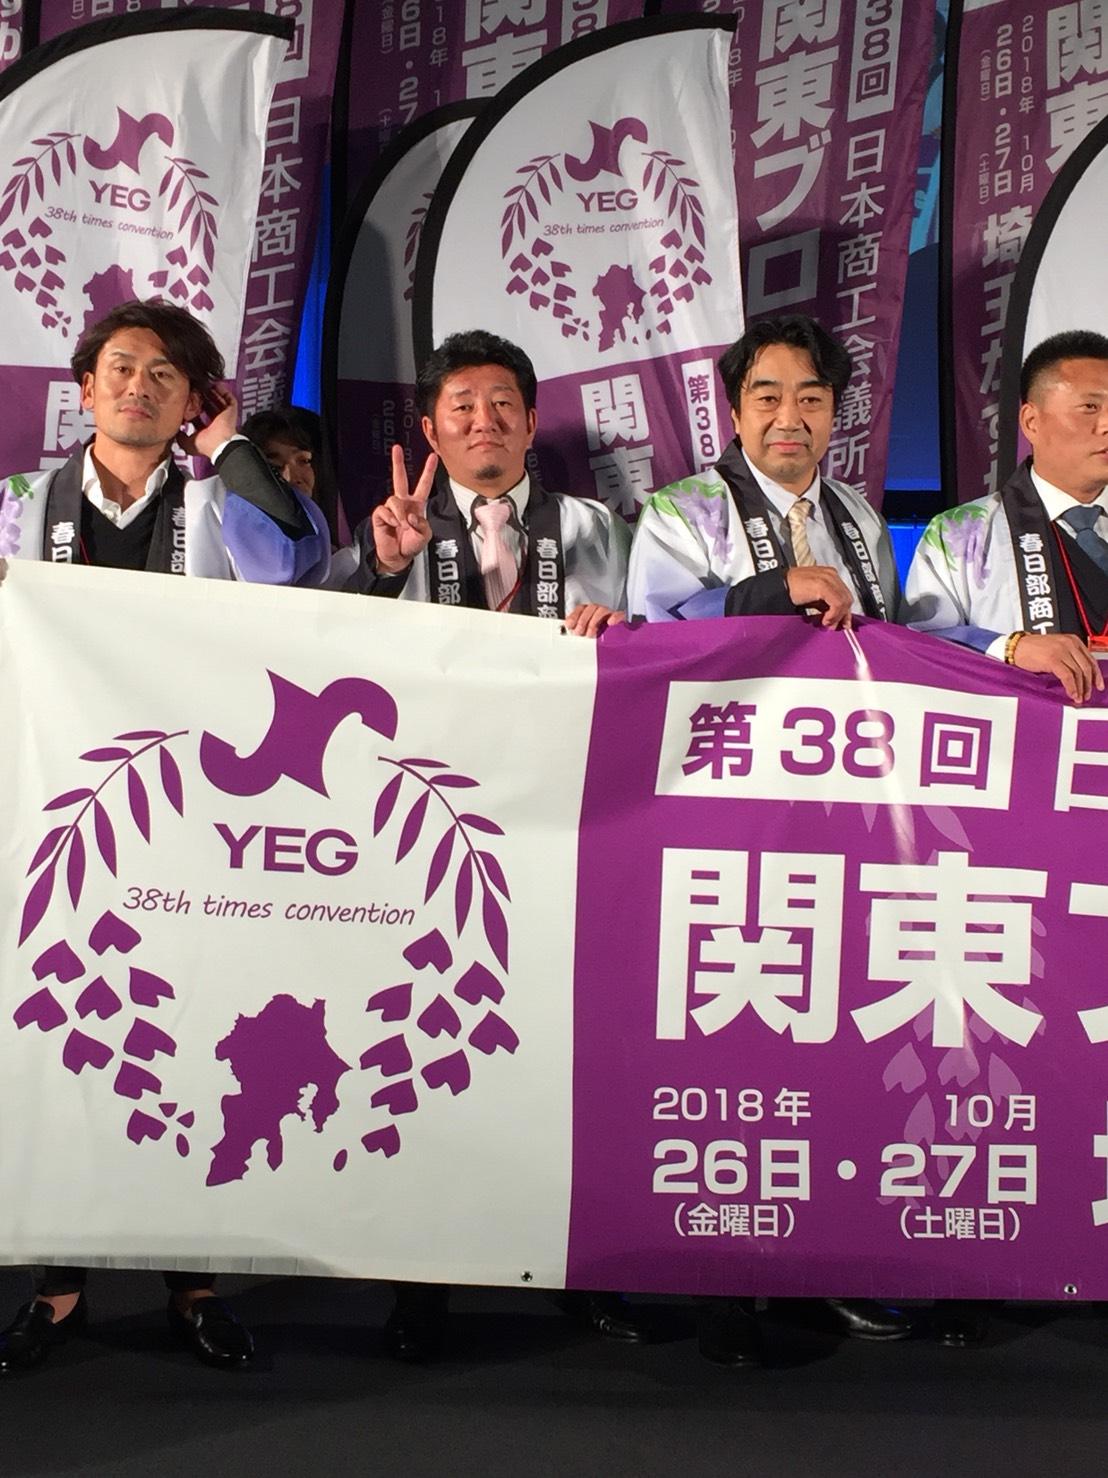 関東ブロック大会in沼田 に参加しました